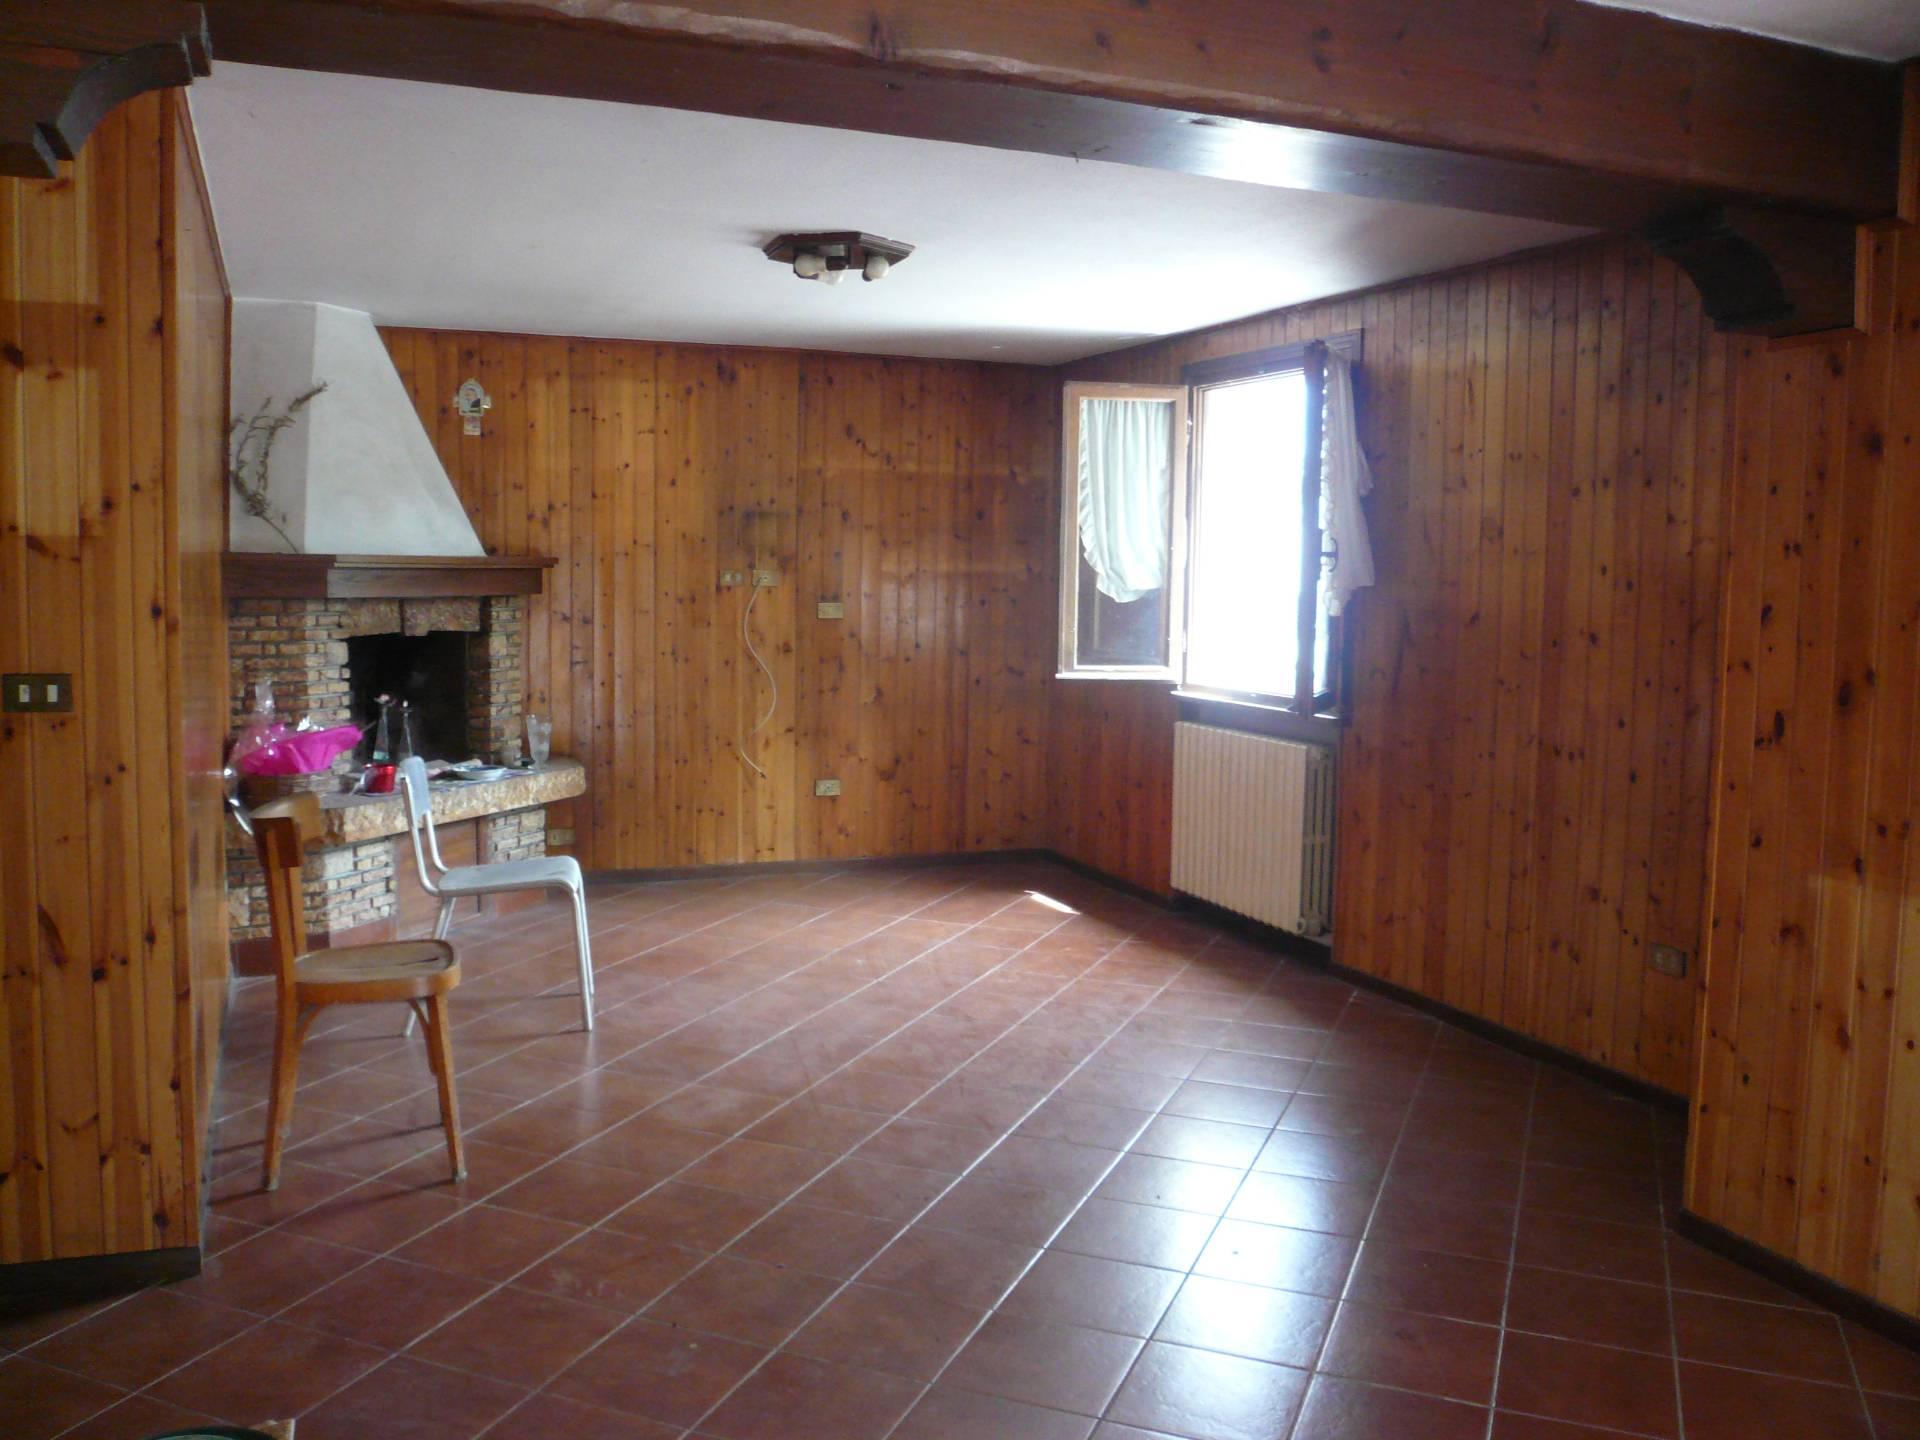 Appartamento in vendita a San Biagio di Callalta, 10 locali, zona Zona: Cavriè, prezzo € 135.000 | Cambio Casa.it